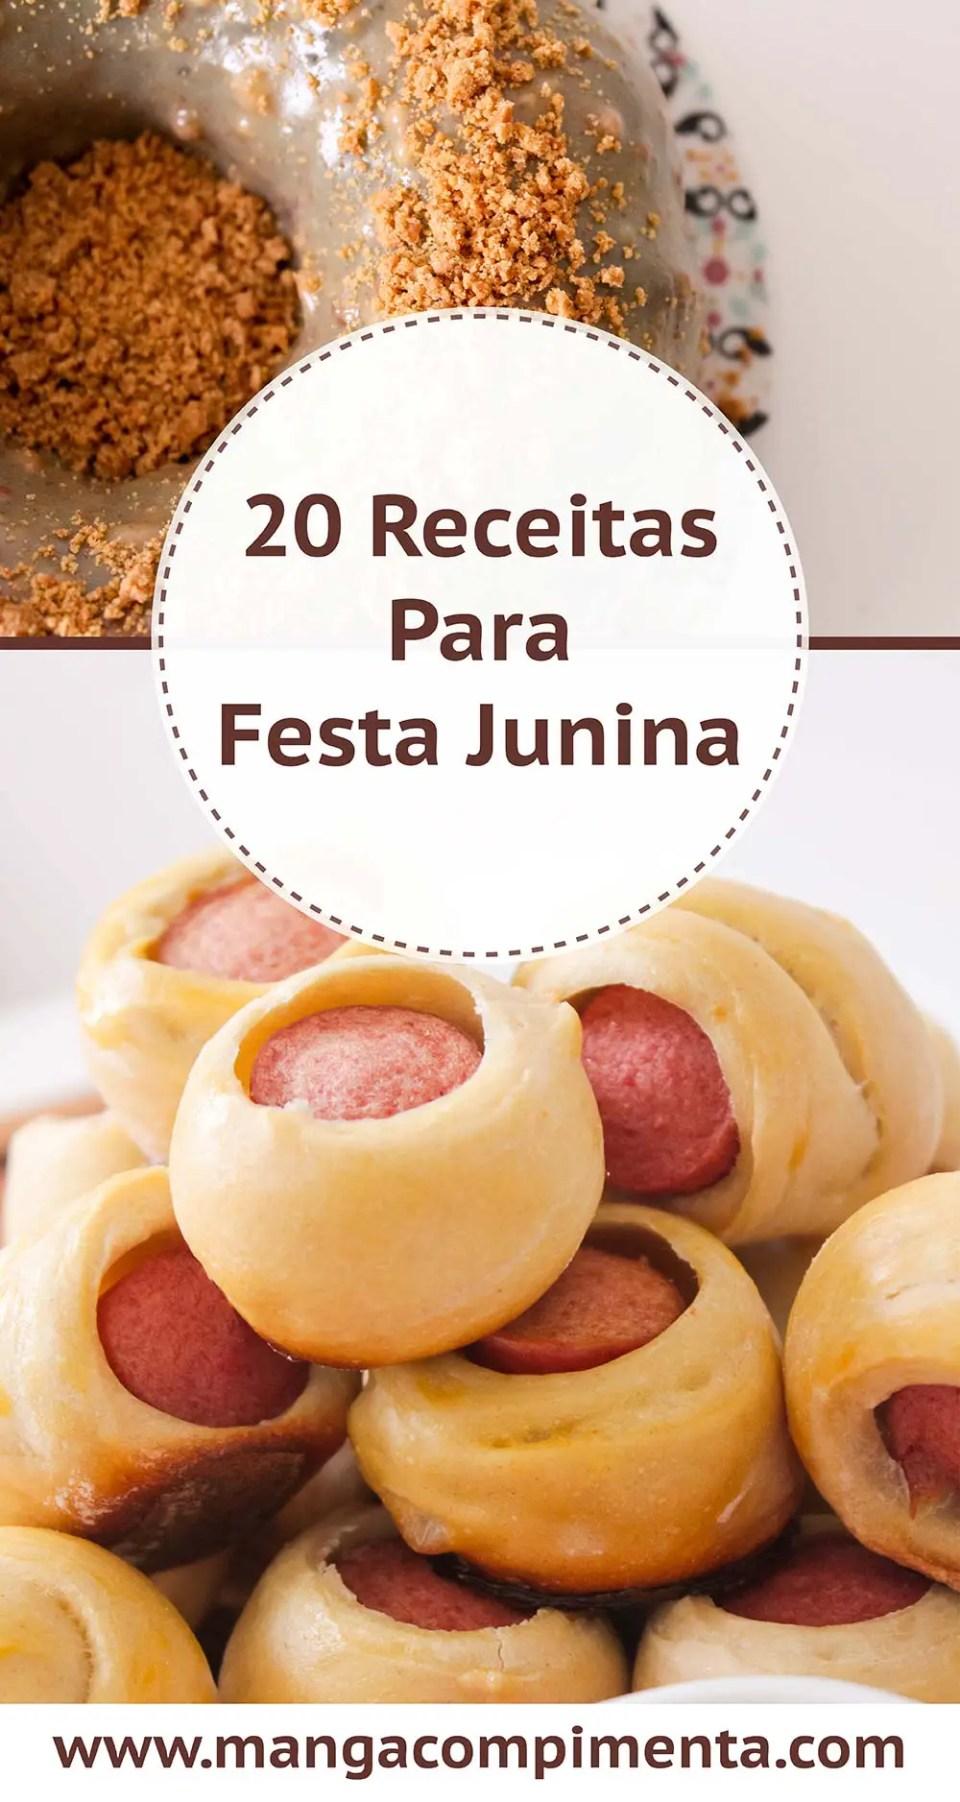 20 Receitas de Festa Junina - Para deixar o seu arraial mais completo